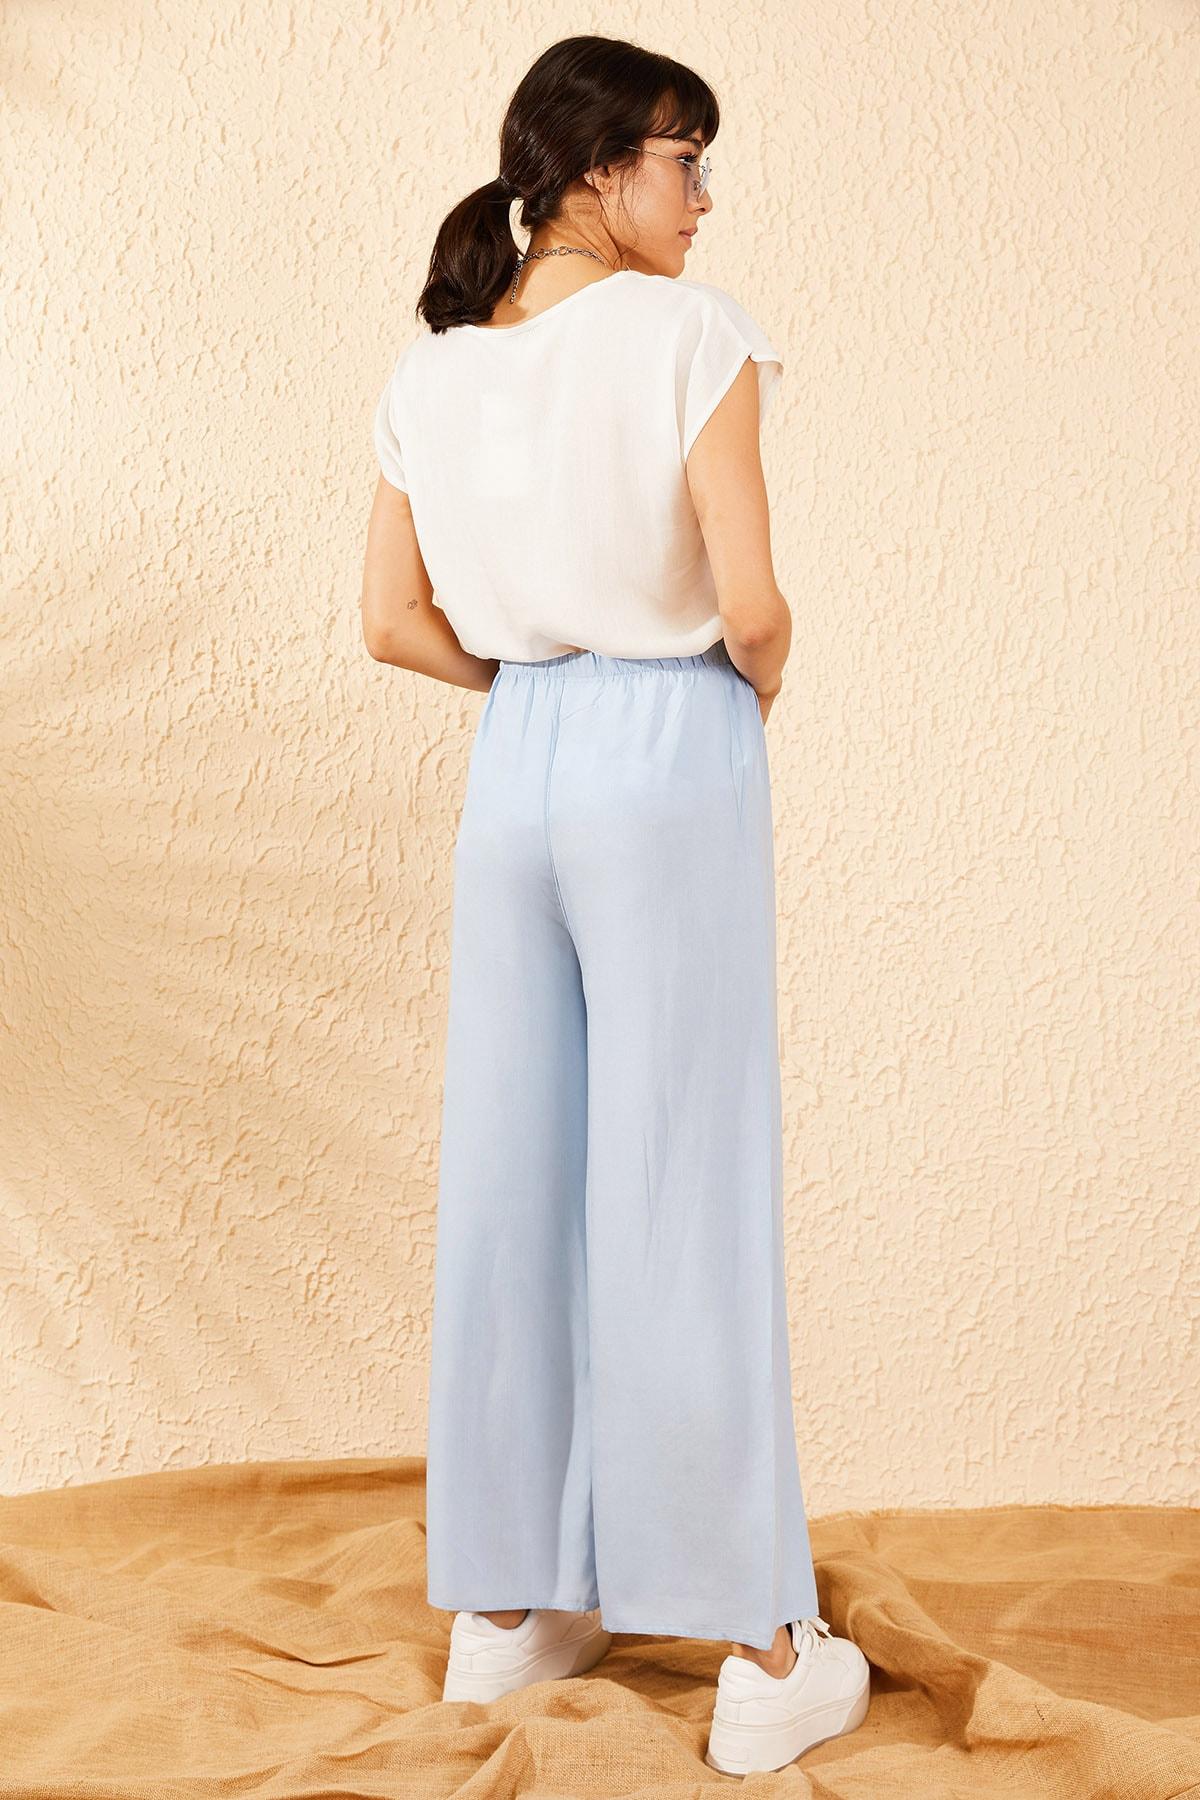 Bianco Lucci Kadın Buz Mavisi Beli Kuşaklı Bol Paça Viskon Pantolon 10061050 2